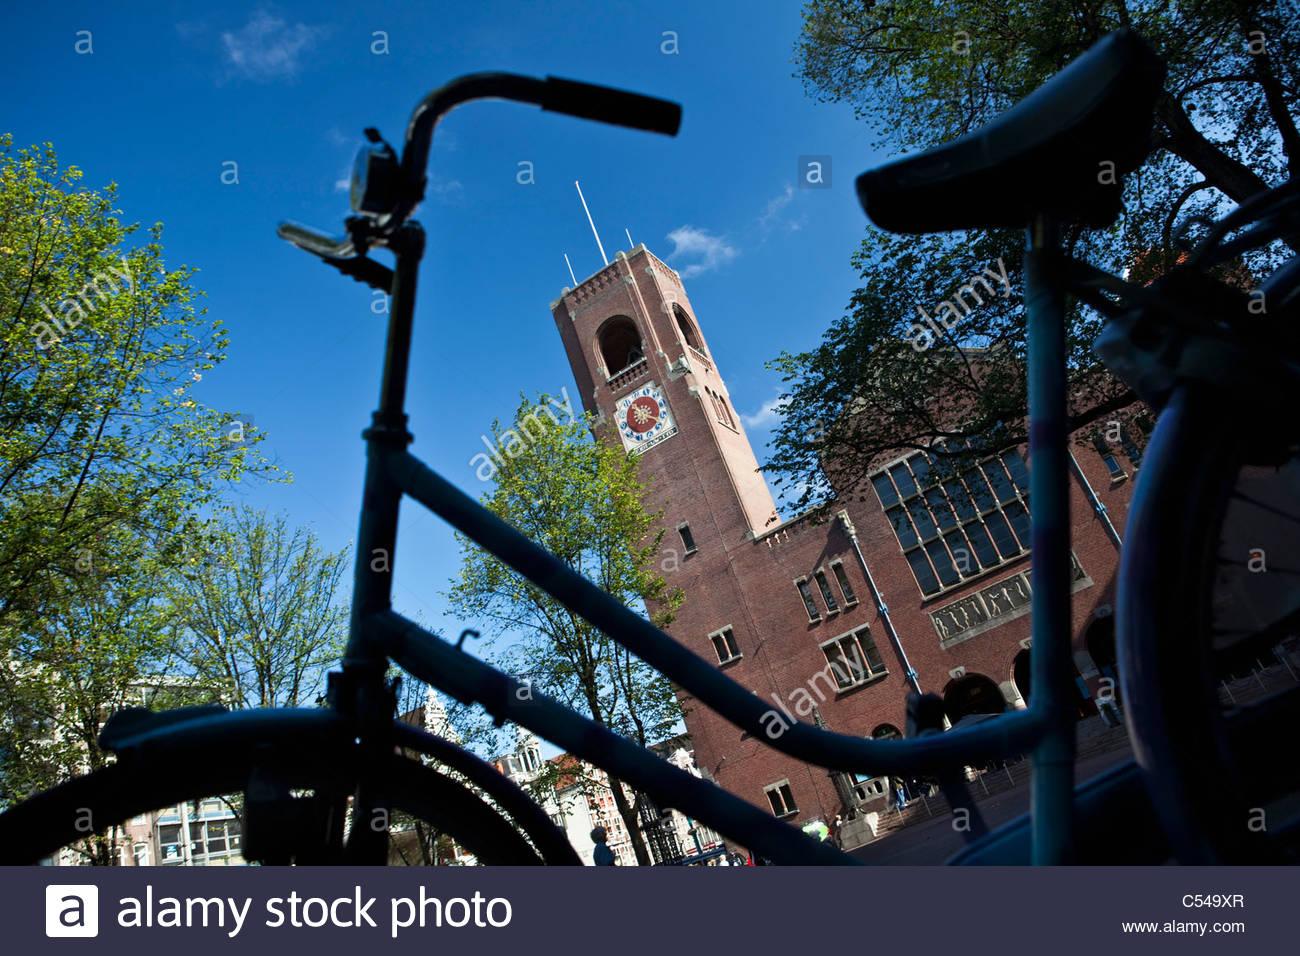 Les Pays-Bas, Amsterdam, l'ancien bâtiment de la bourse appelée Beurs van Berlage. location Photo Stock